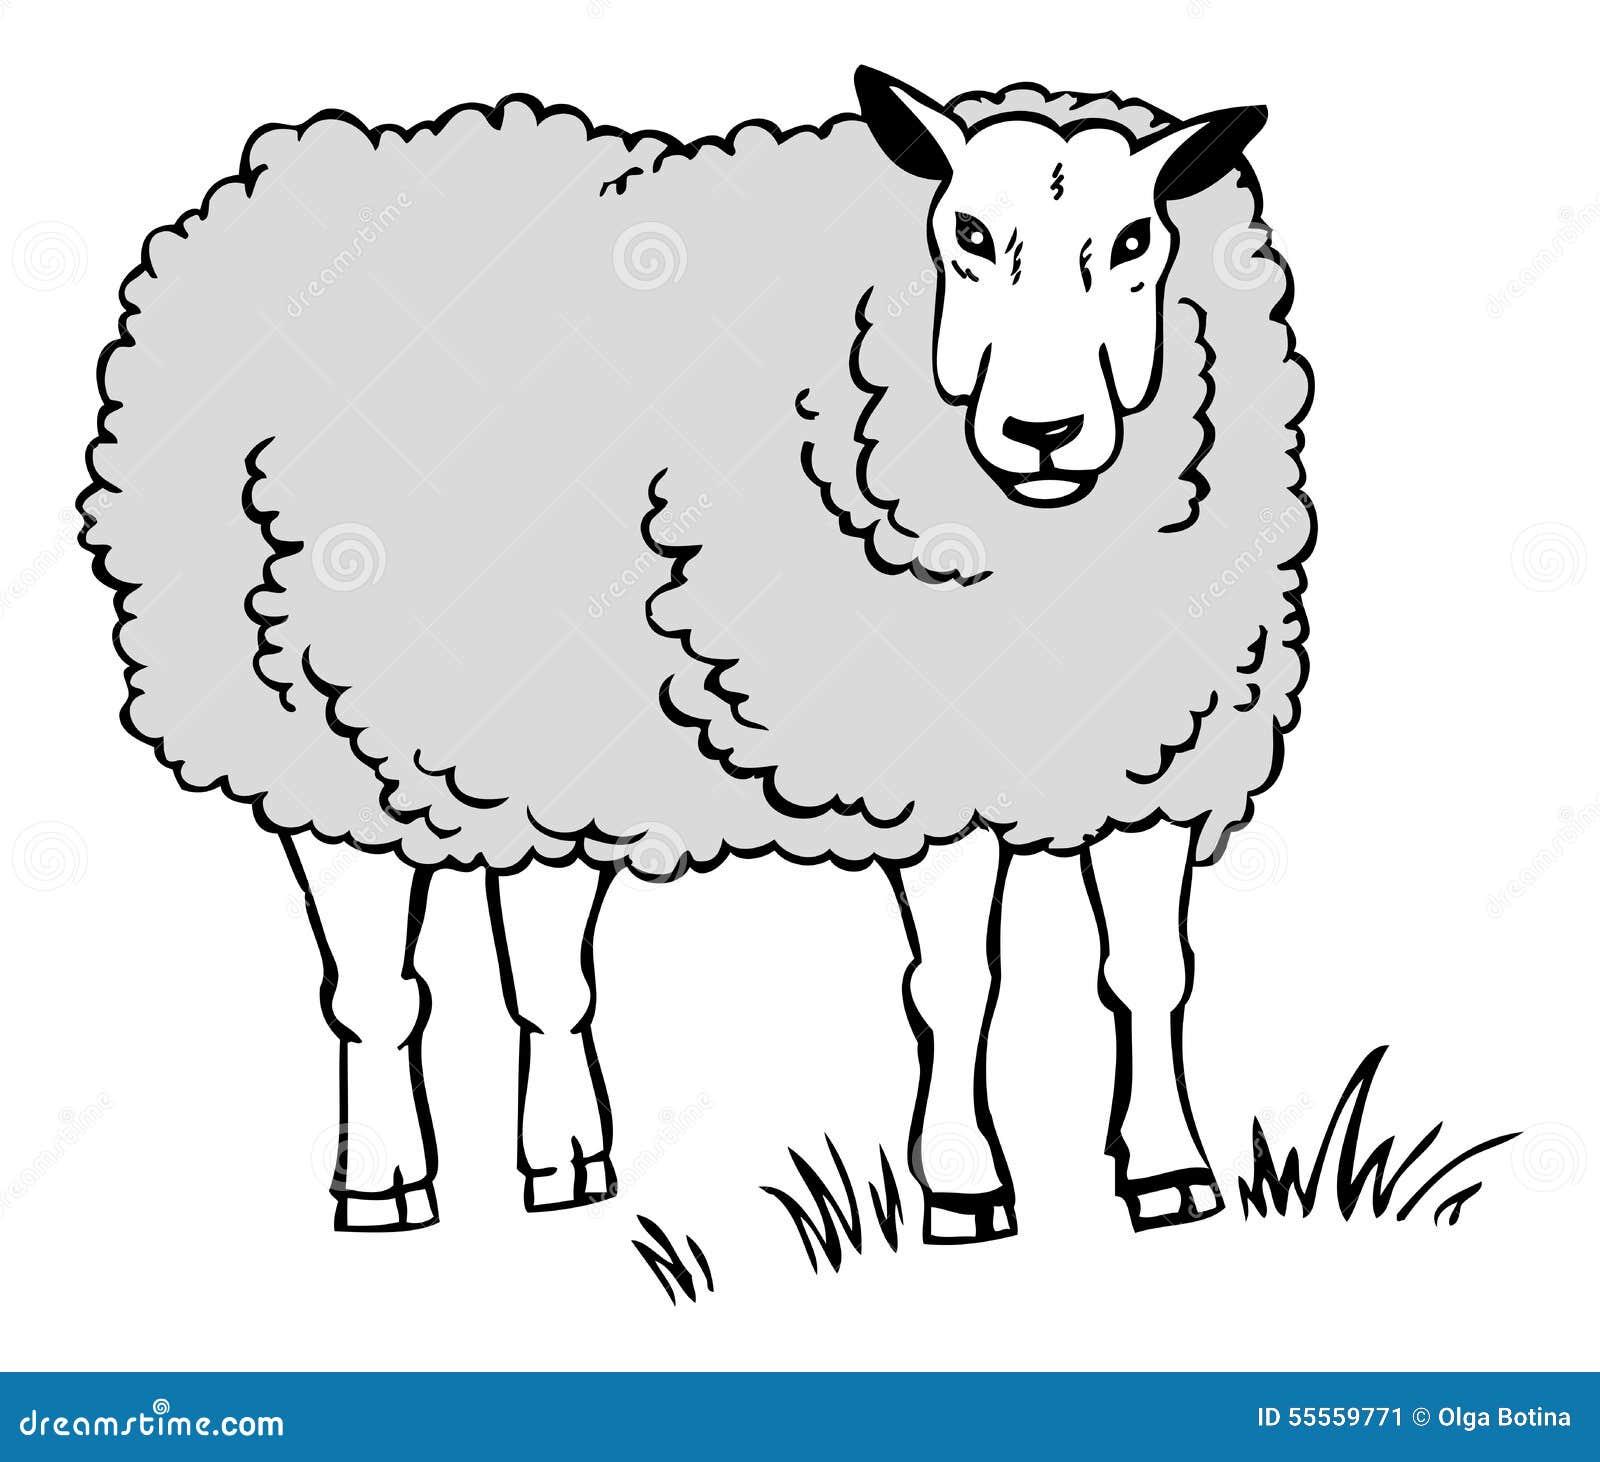 Dessin d 39 un mouton illustration de vecteur illustration du herbe 55559771 - Dessin mouton ...